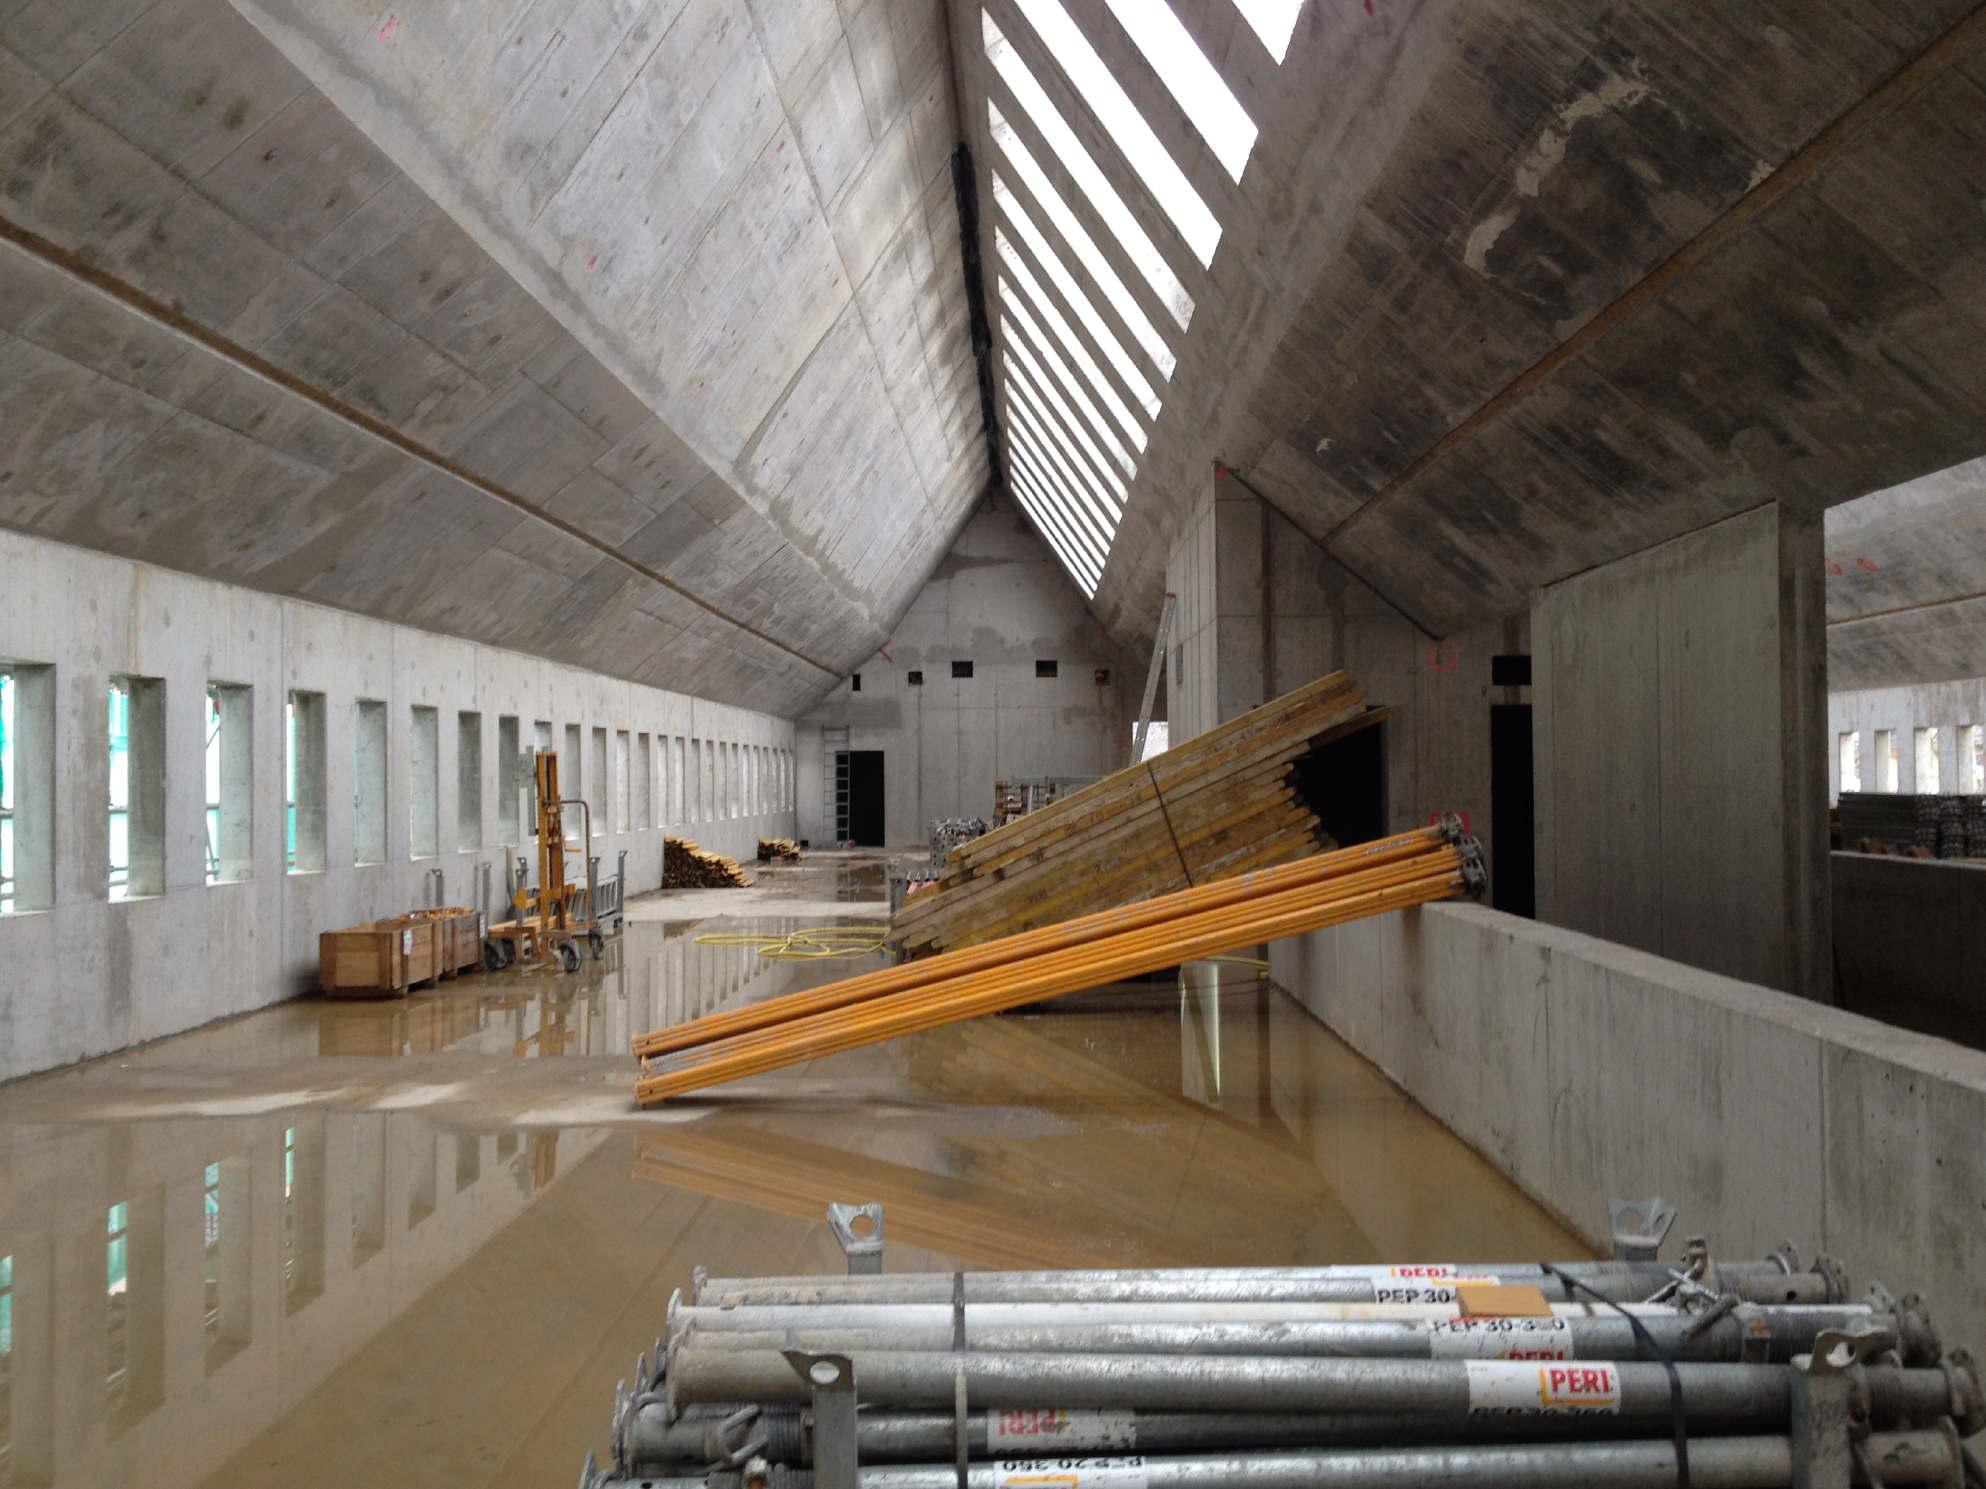 historisches museum frankfurt: das neue Ausstellungshaus im Febr. 2015 - Frankfurt Jetzt!